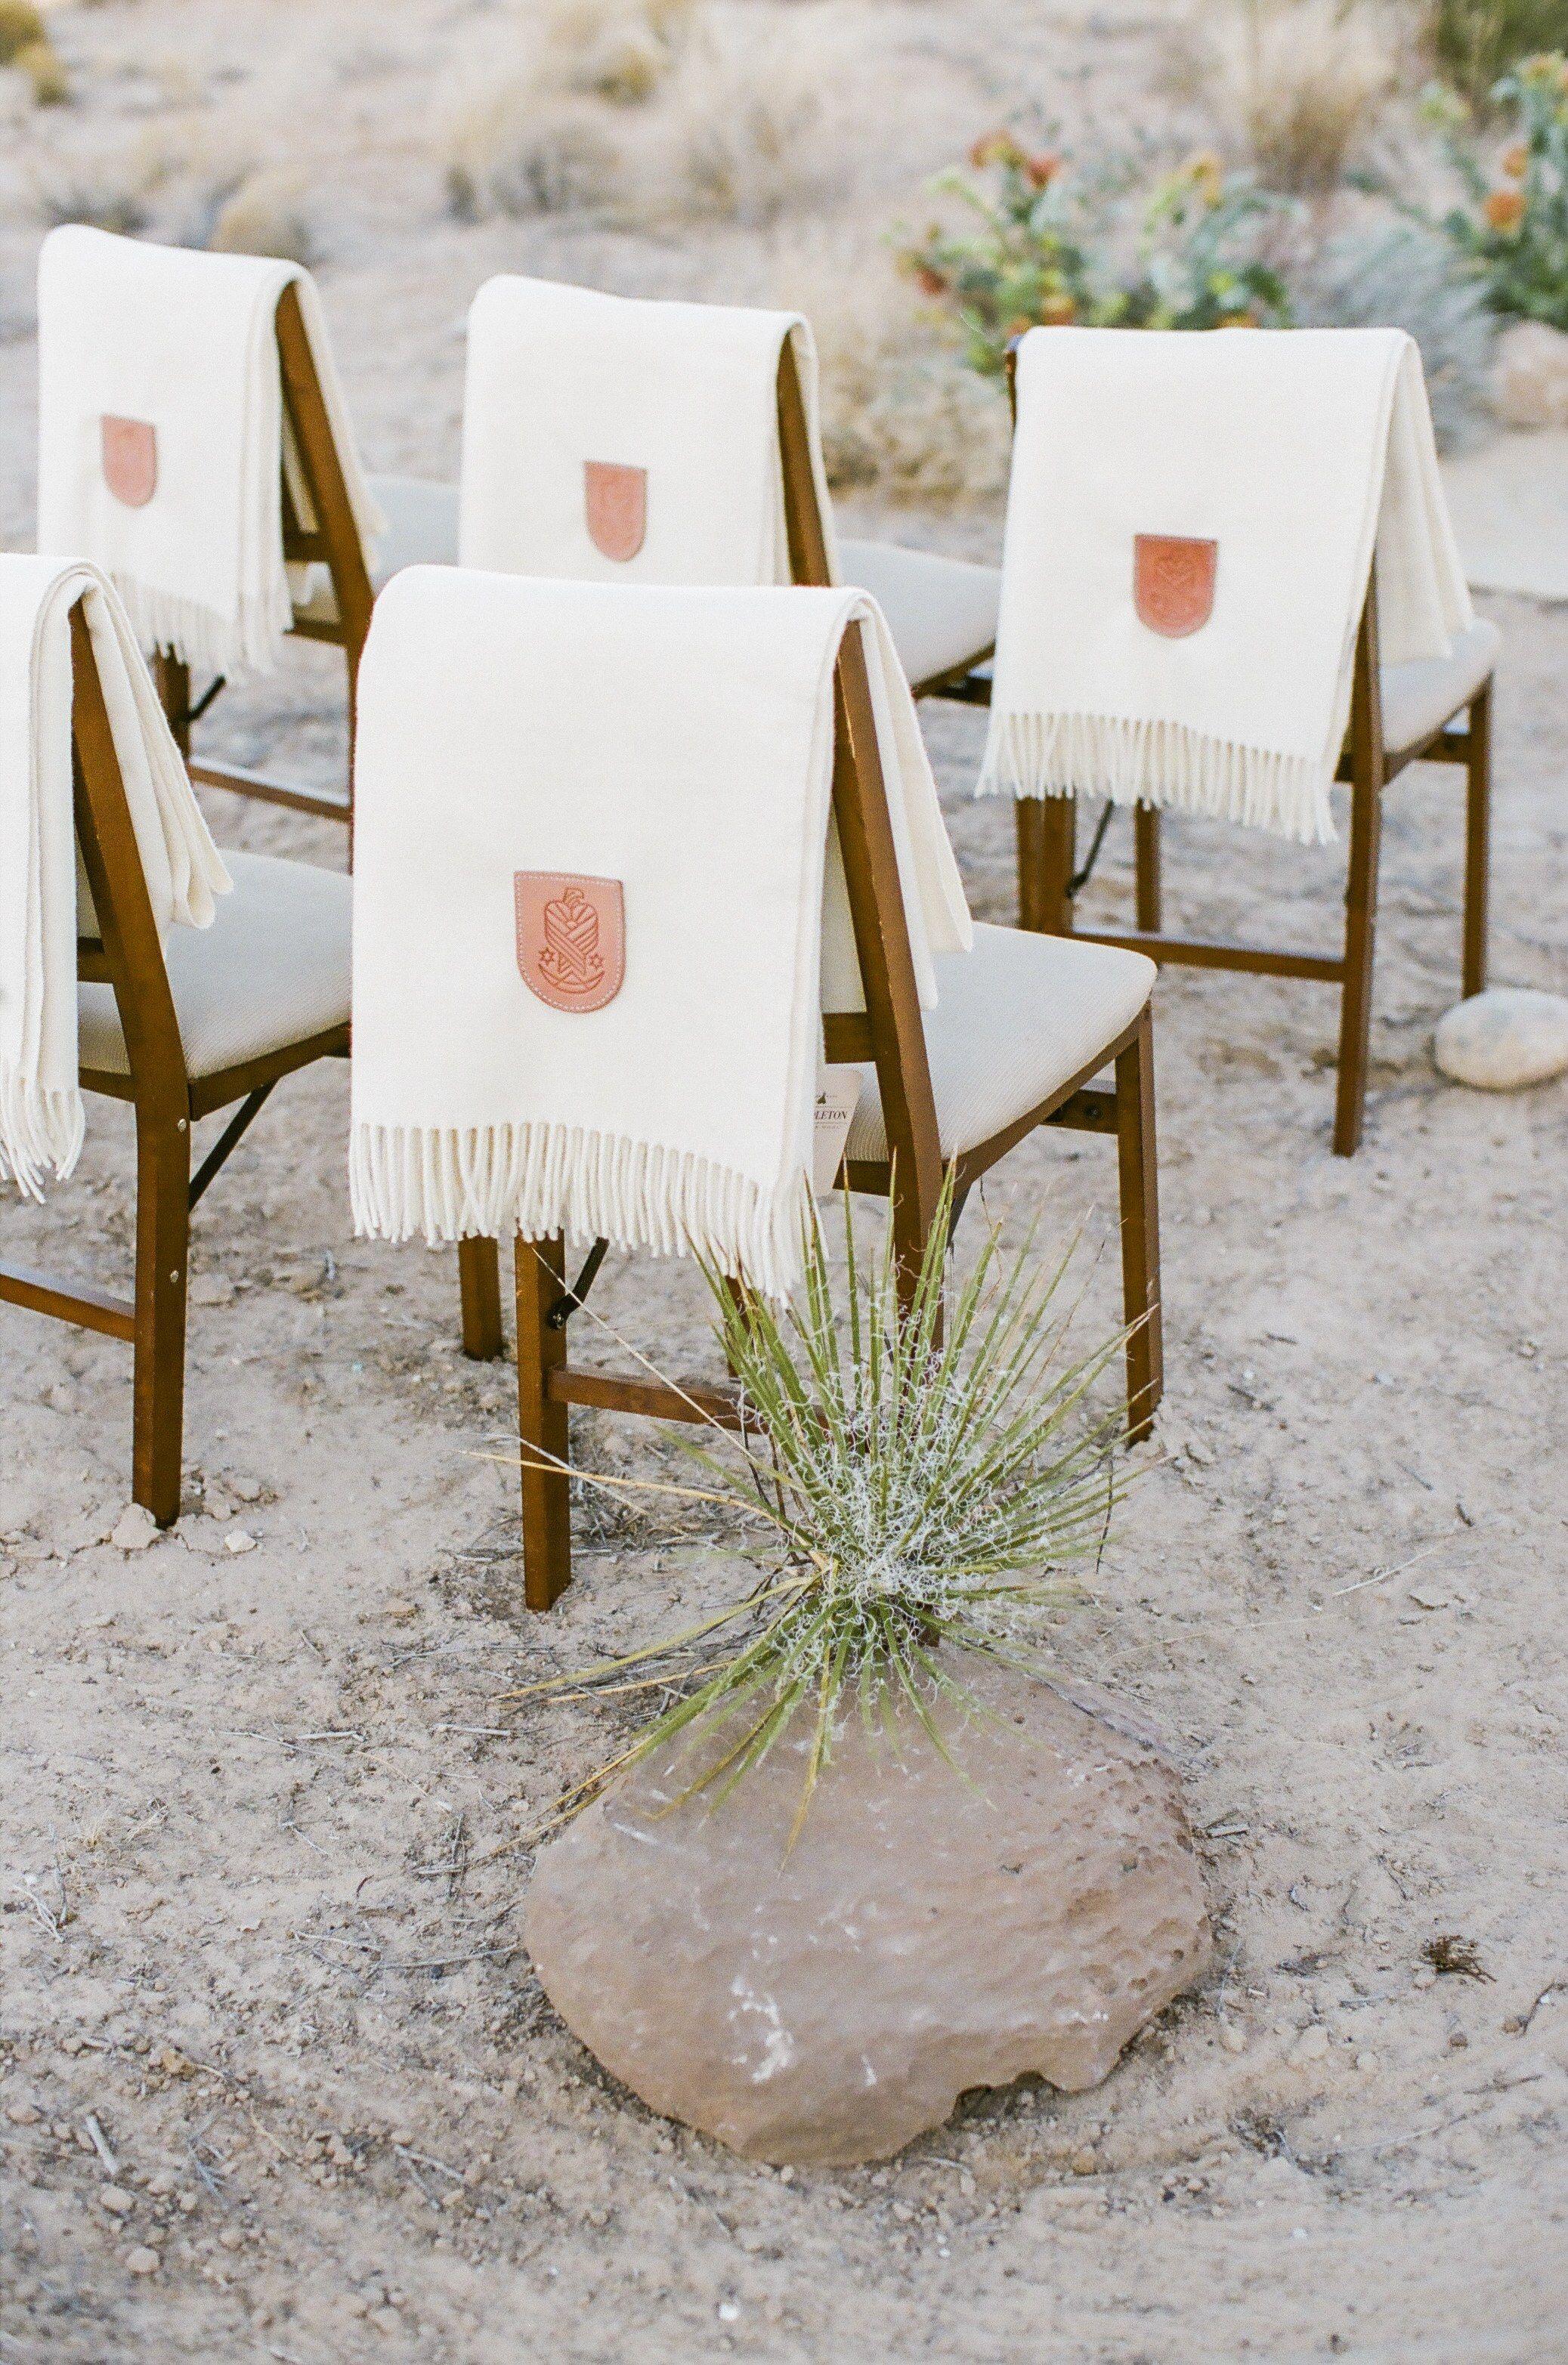 Fall wedding decor 2018   Fall Wedding Decor Ideas Weure Loving in   Brides  BP